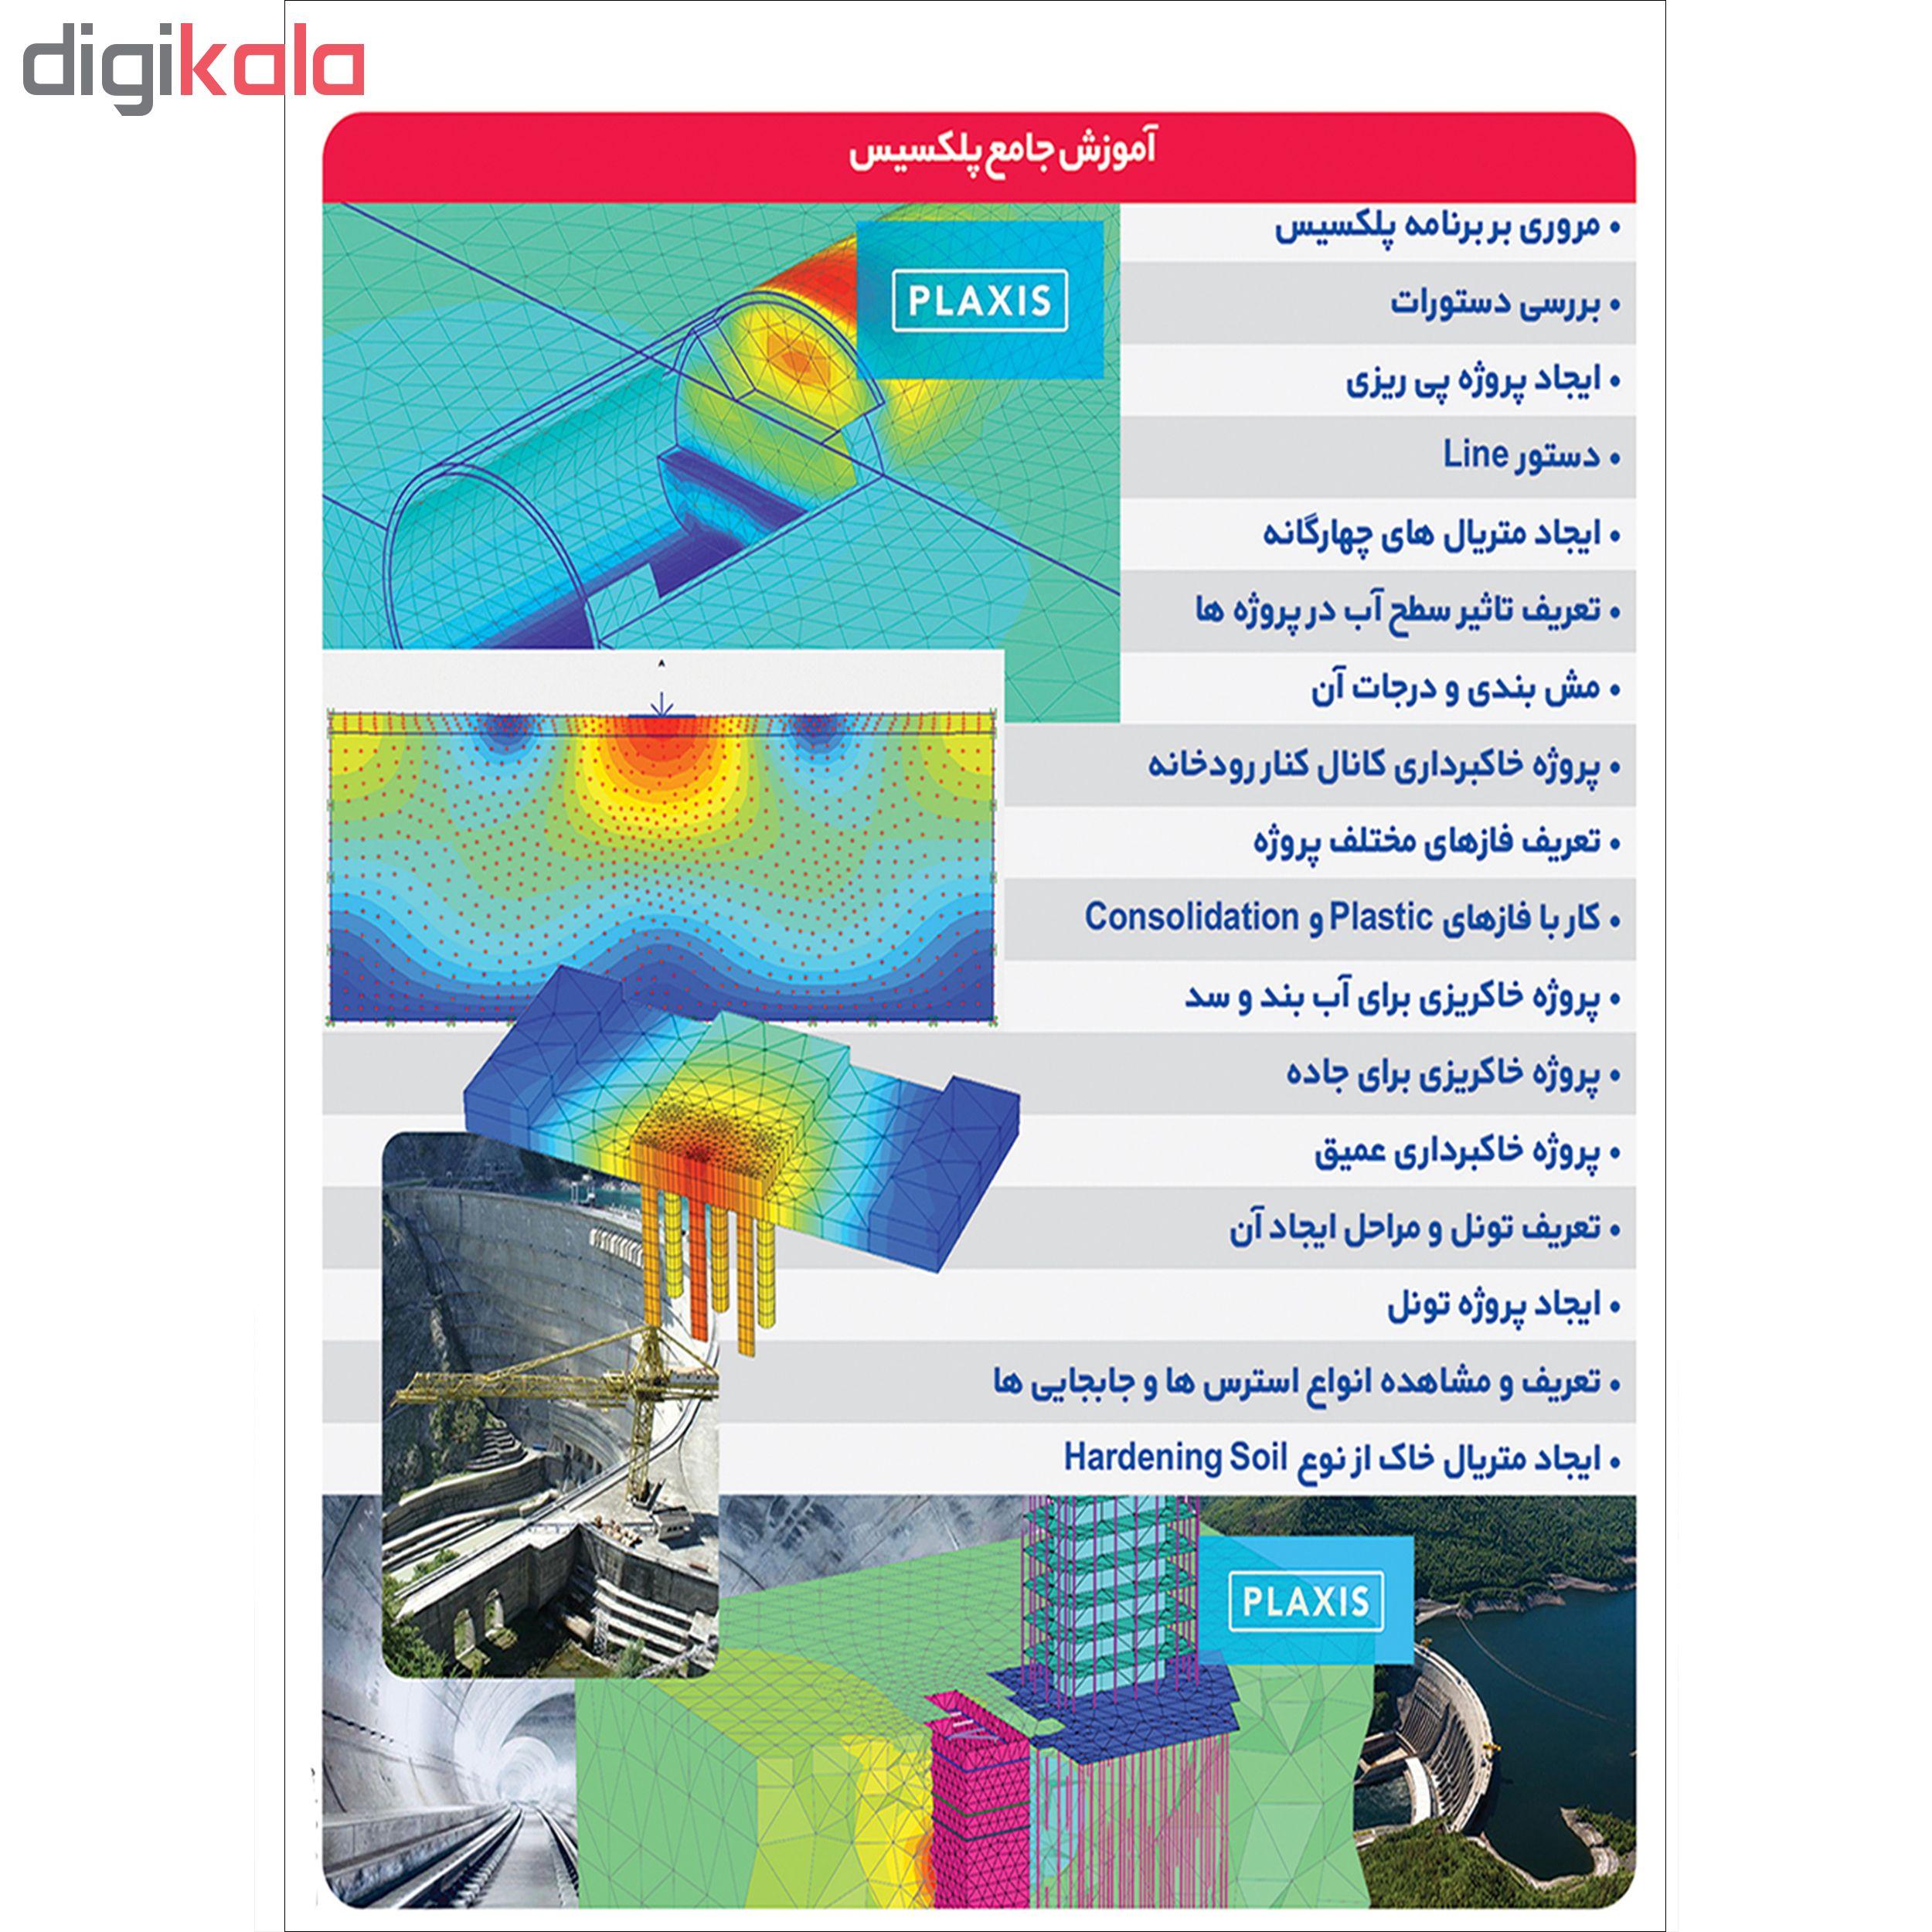 نرم افزار آموزش PLAXIS نشر پدیا سافت به همراه نرم افزار آموزش CIVIL 3D نشر پدیا سافت